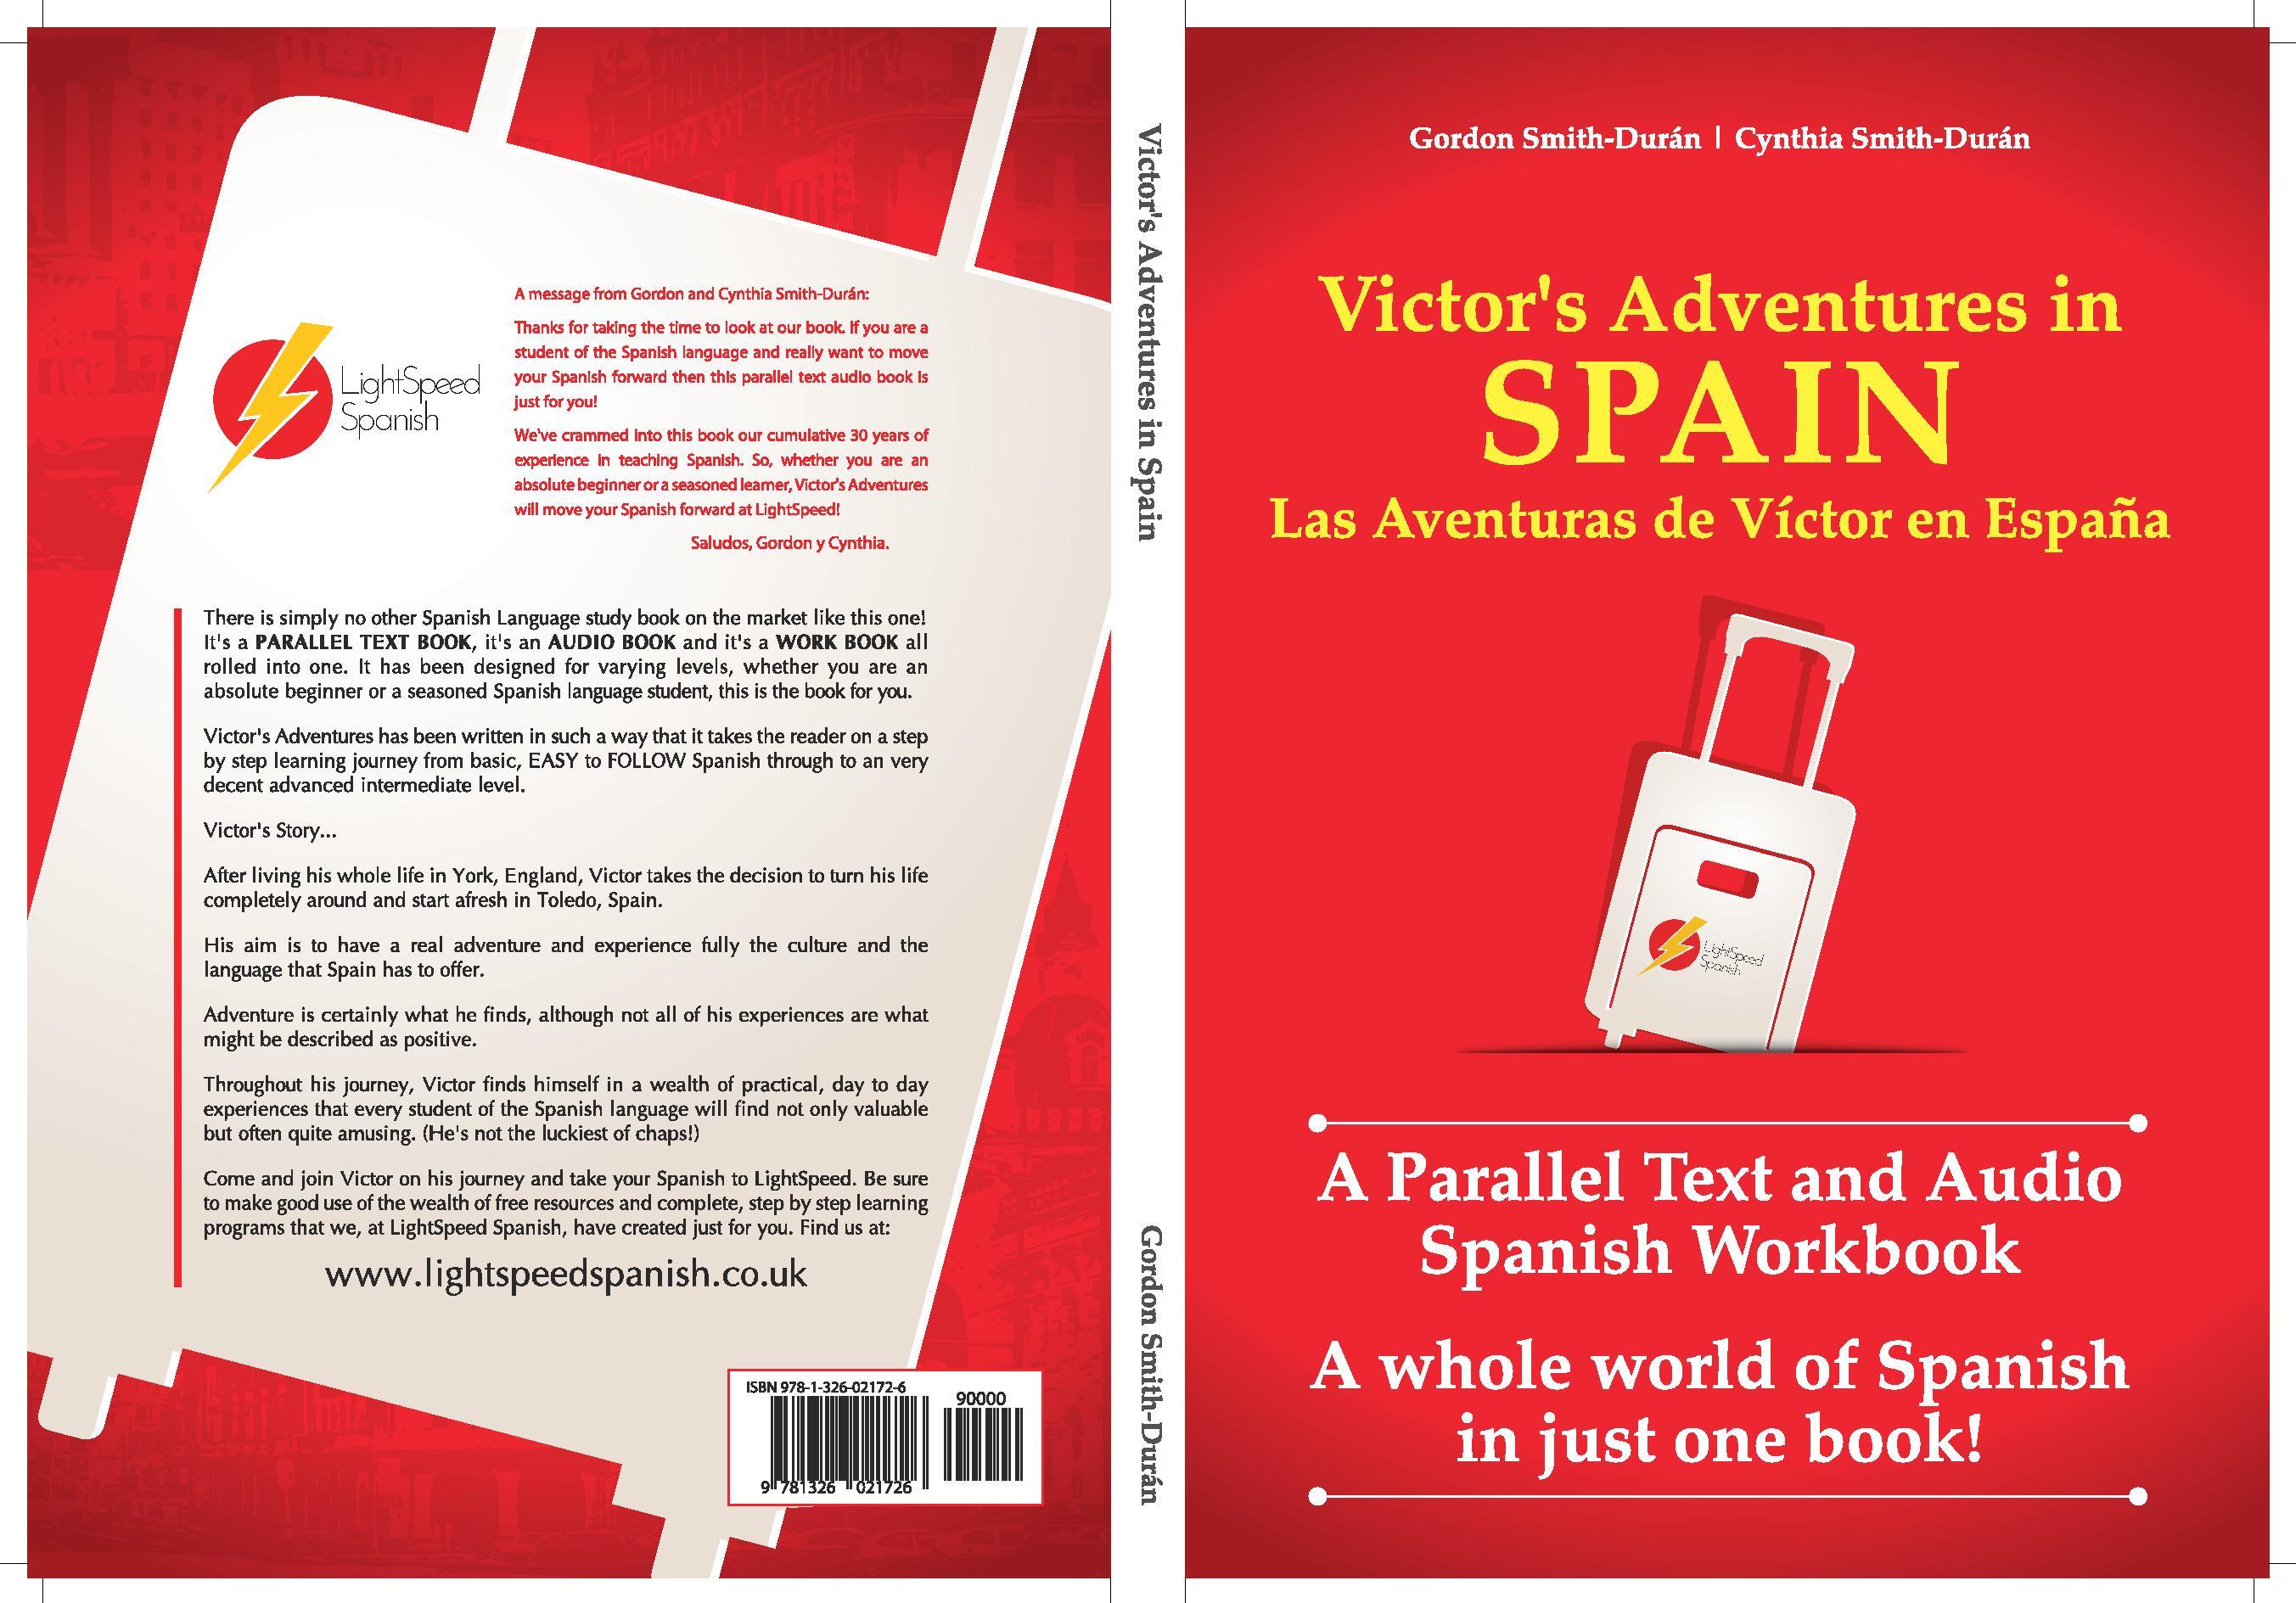 Amazing Las Aventuras De Víctor En España. Nice Ideas